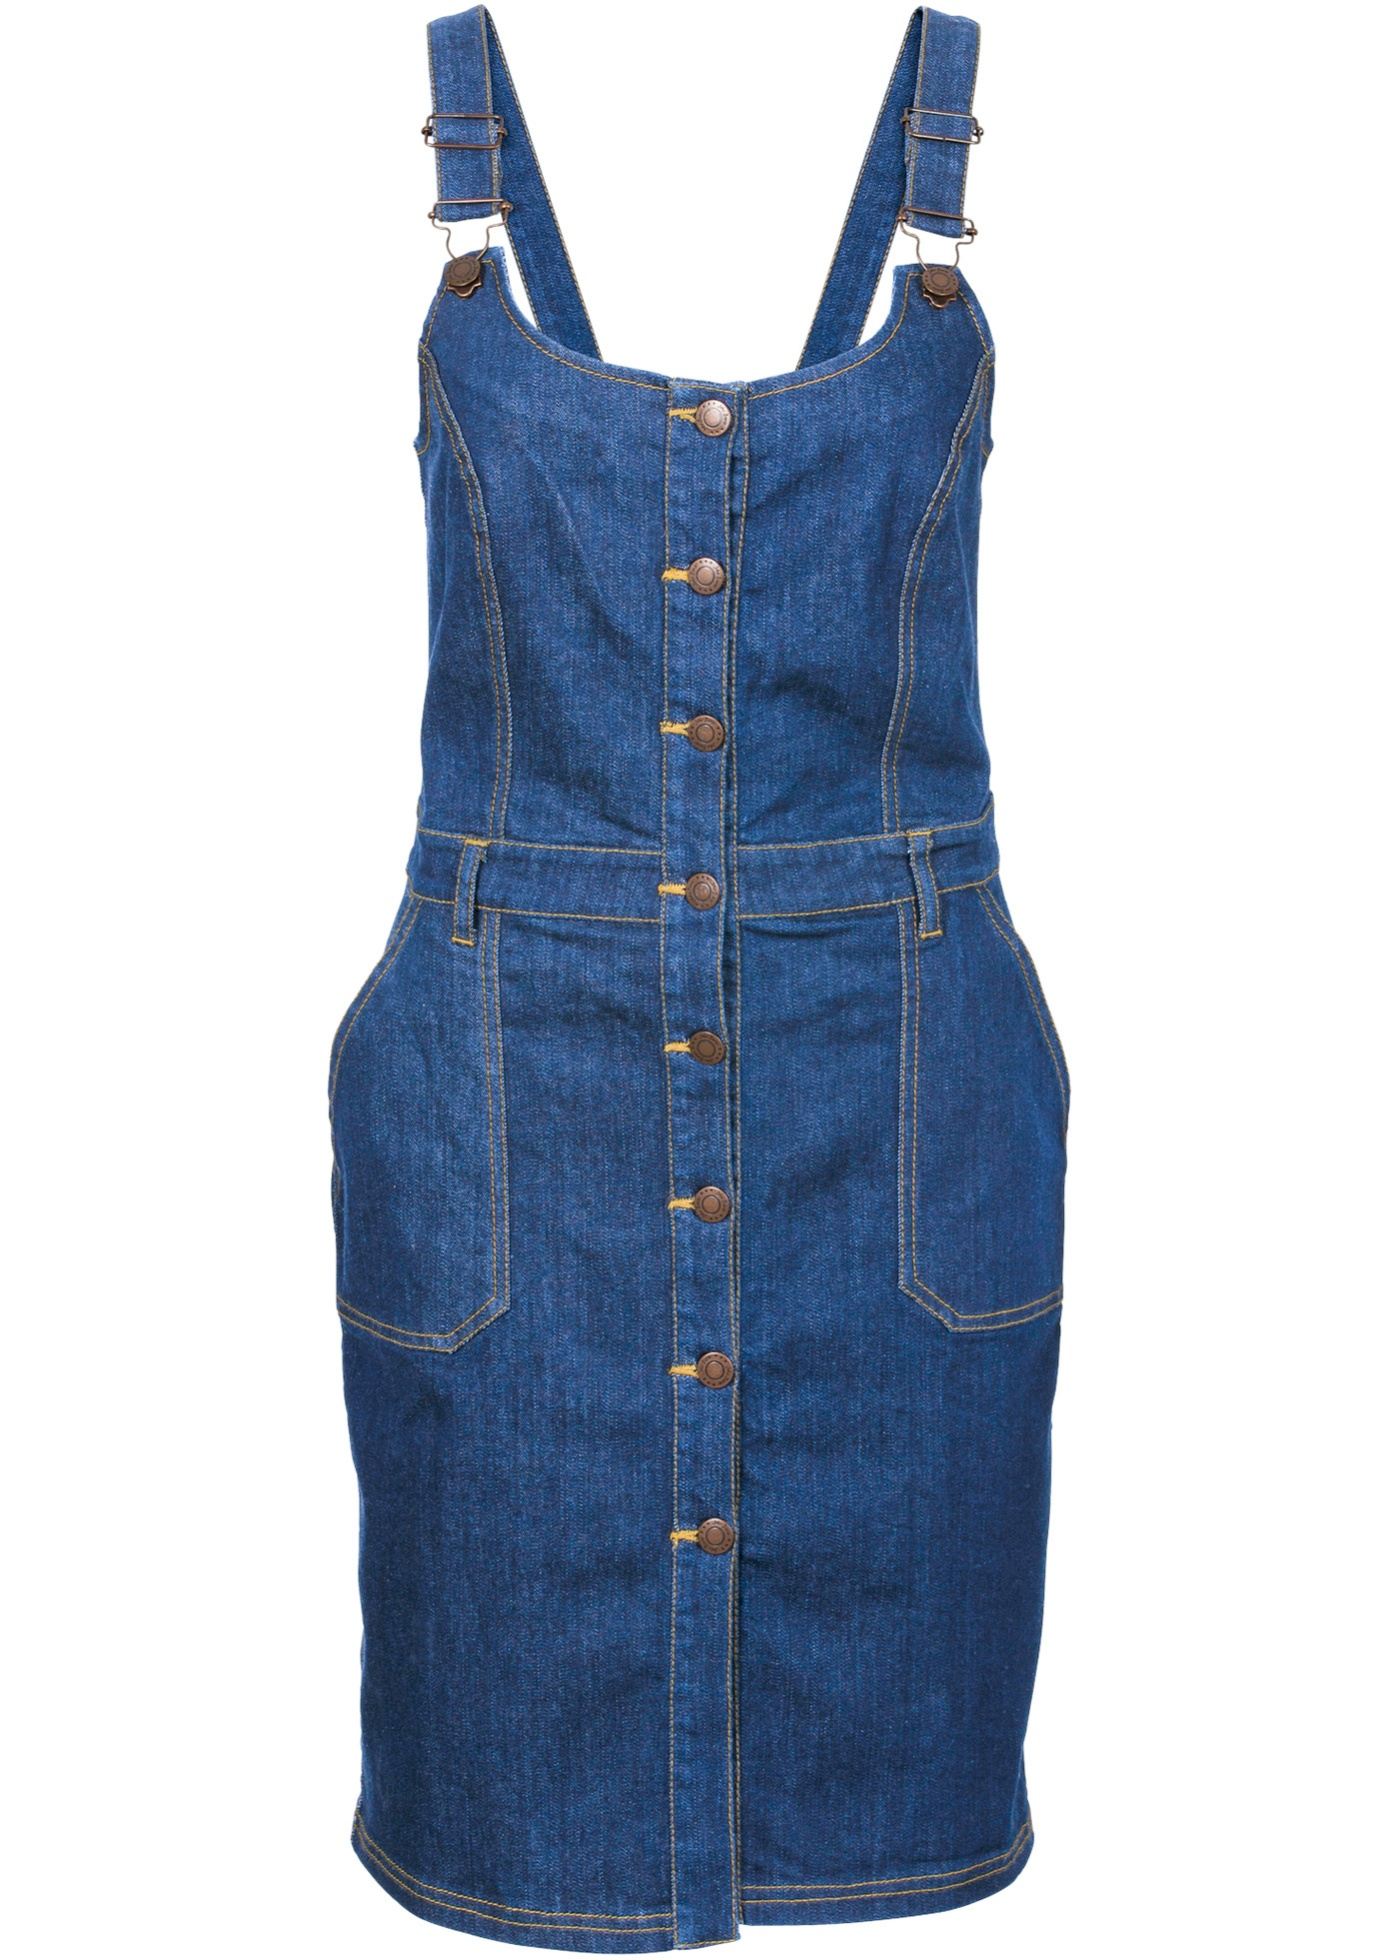 John Baner JEANSWEAR Stretch-Jeans-Latzkleid ohne Ärmel  in blau von bonprix